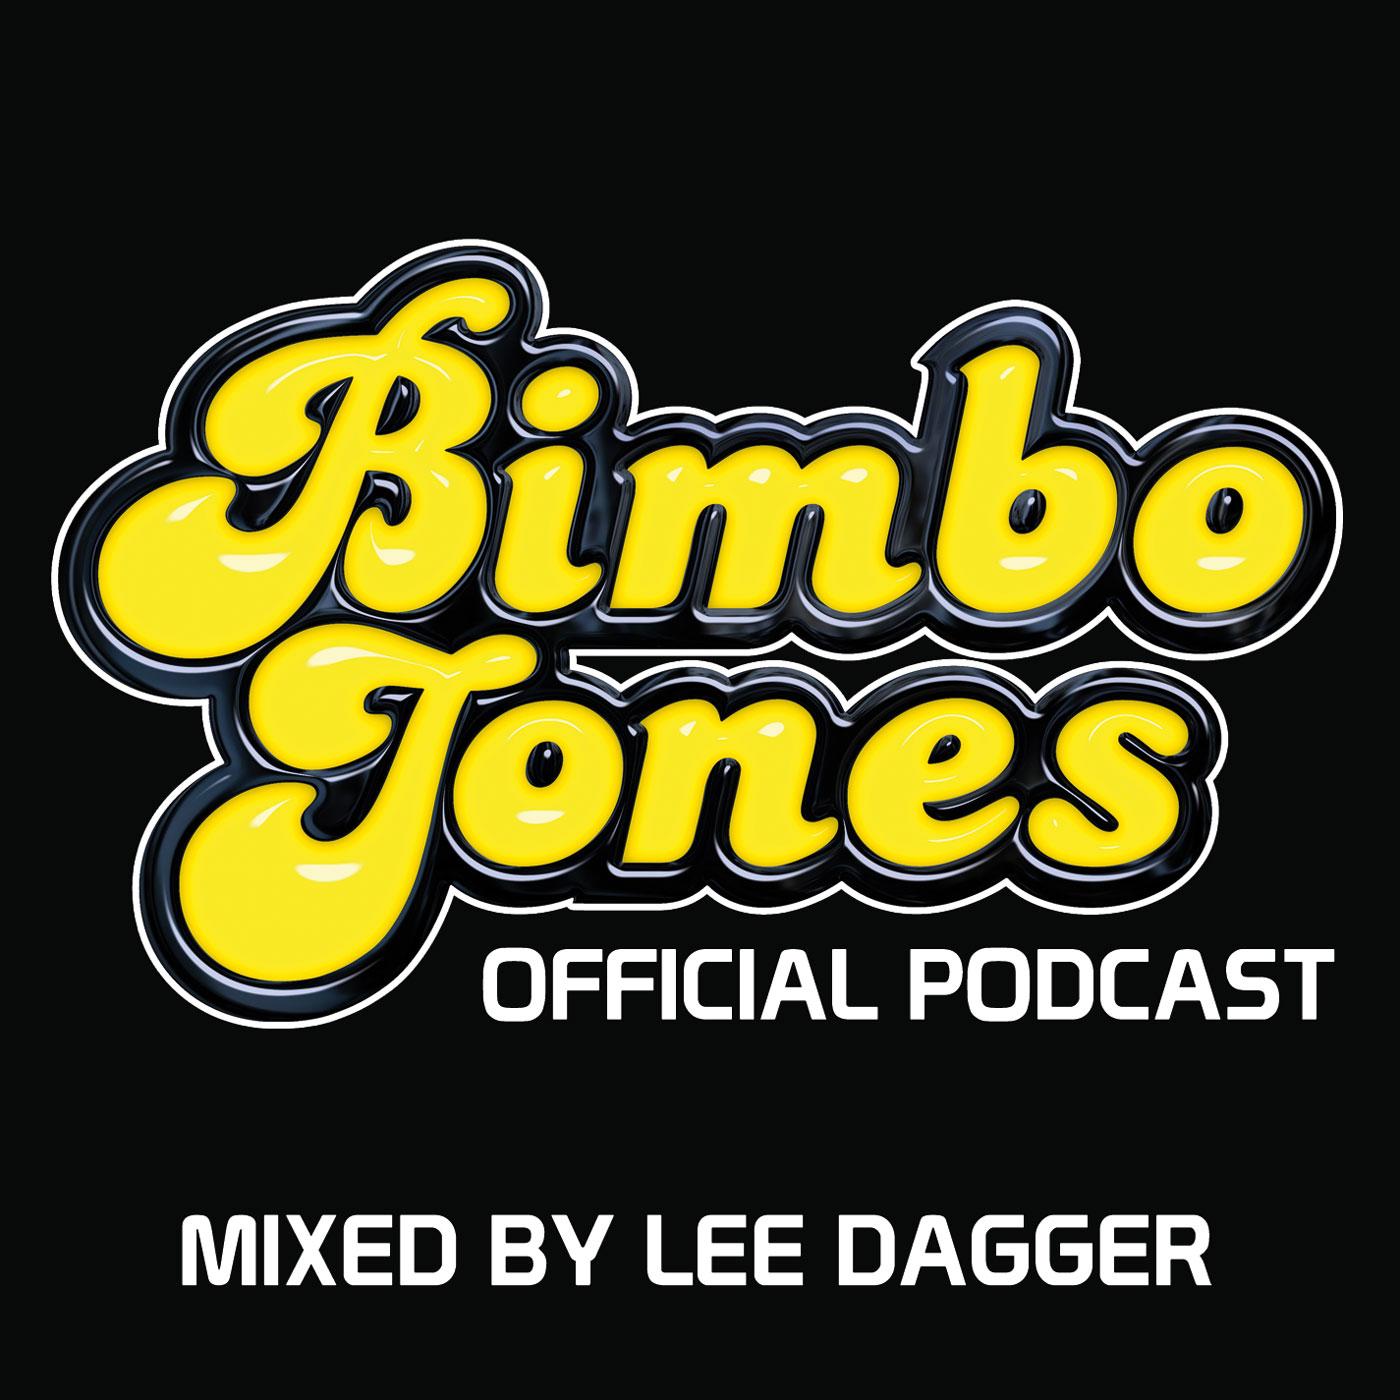 The Bimbo Jones Radio Show Podcast Mixed By Lee Dagger